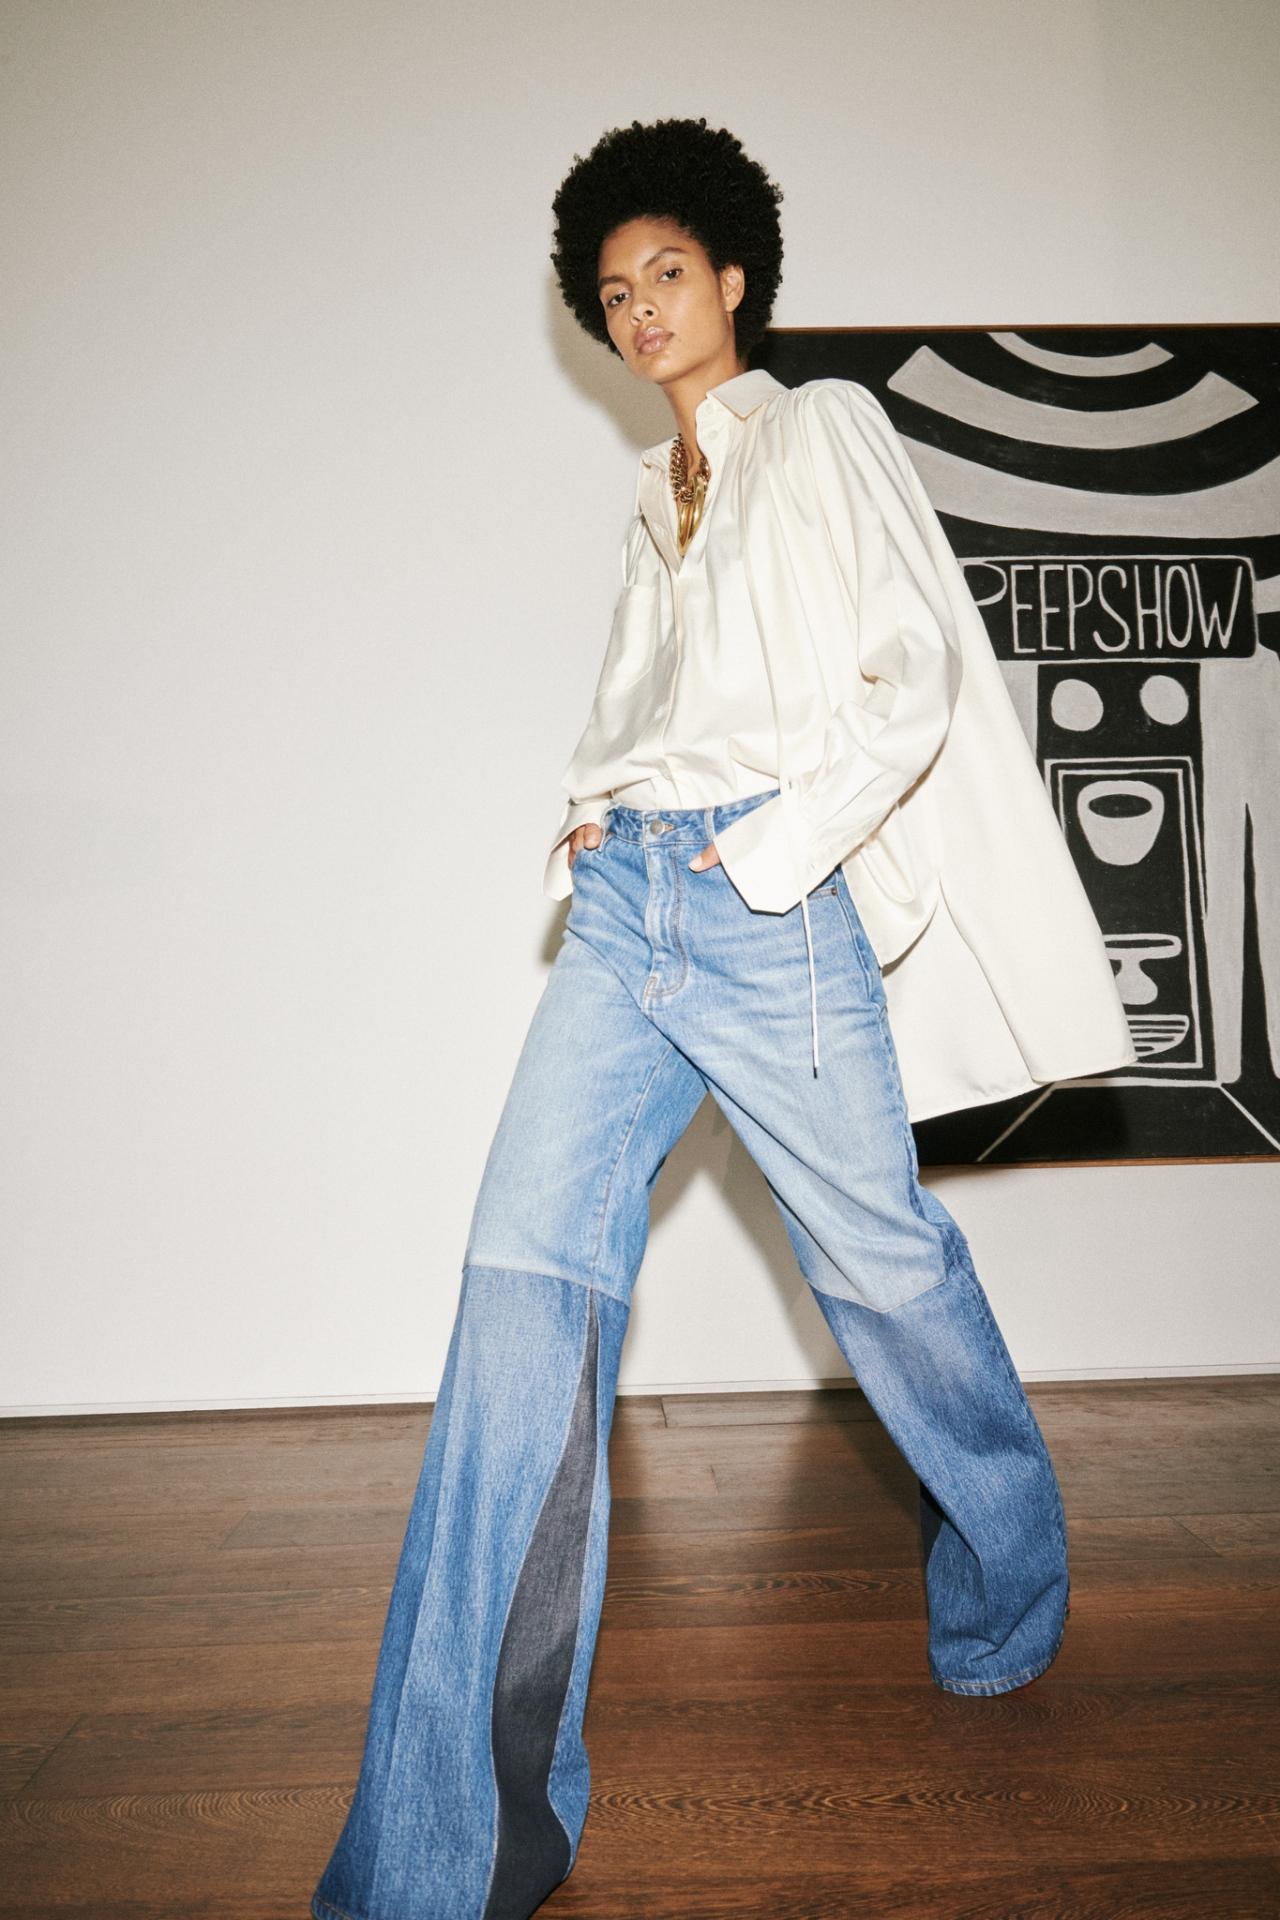 Безупречный стиль и яркие акценты: Виктория Бекхэм представила новую коллекцию (ФОТО) - фото №1